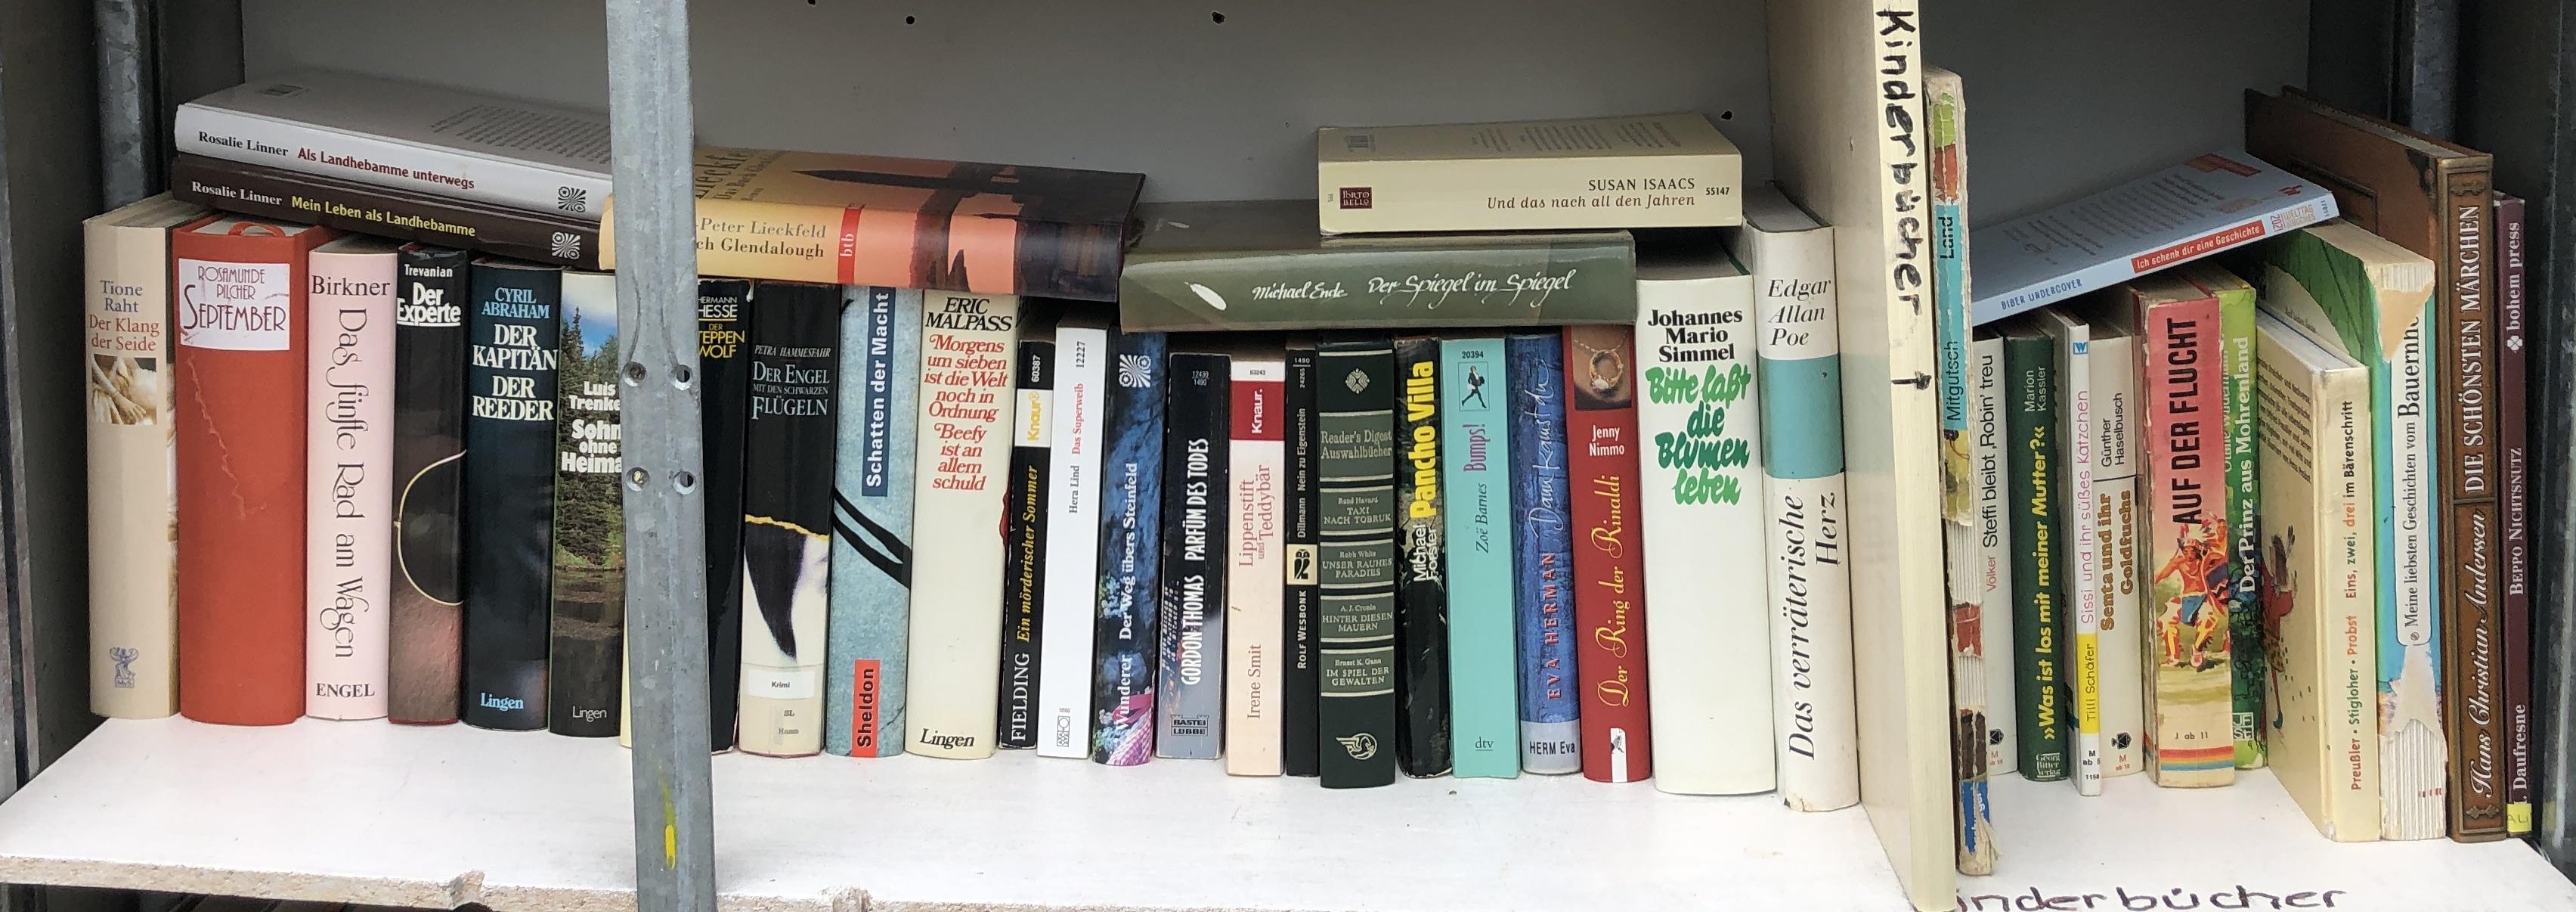 Bücherschrank innen, Bücher mittlere Reihe